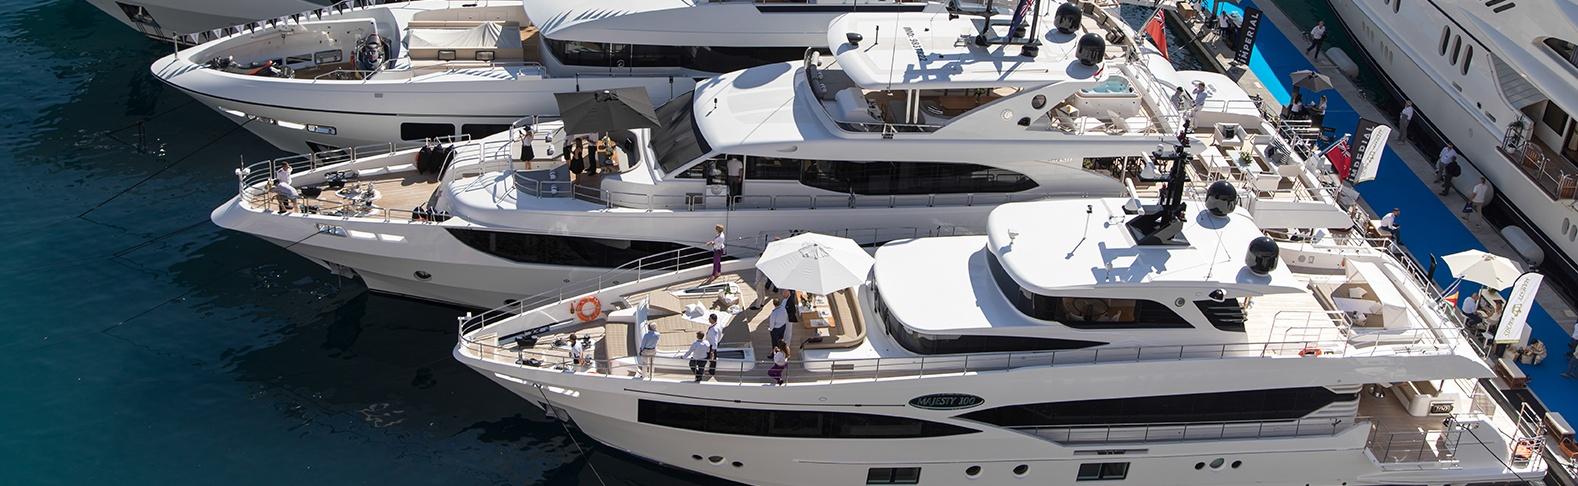 Gulf-Craft,-Monaco-Yacht-Show-2018,-Majesty-Yachts